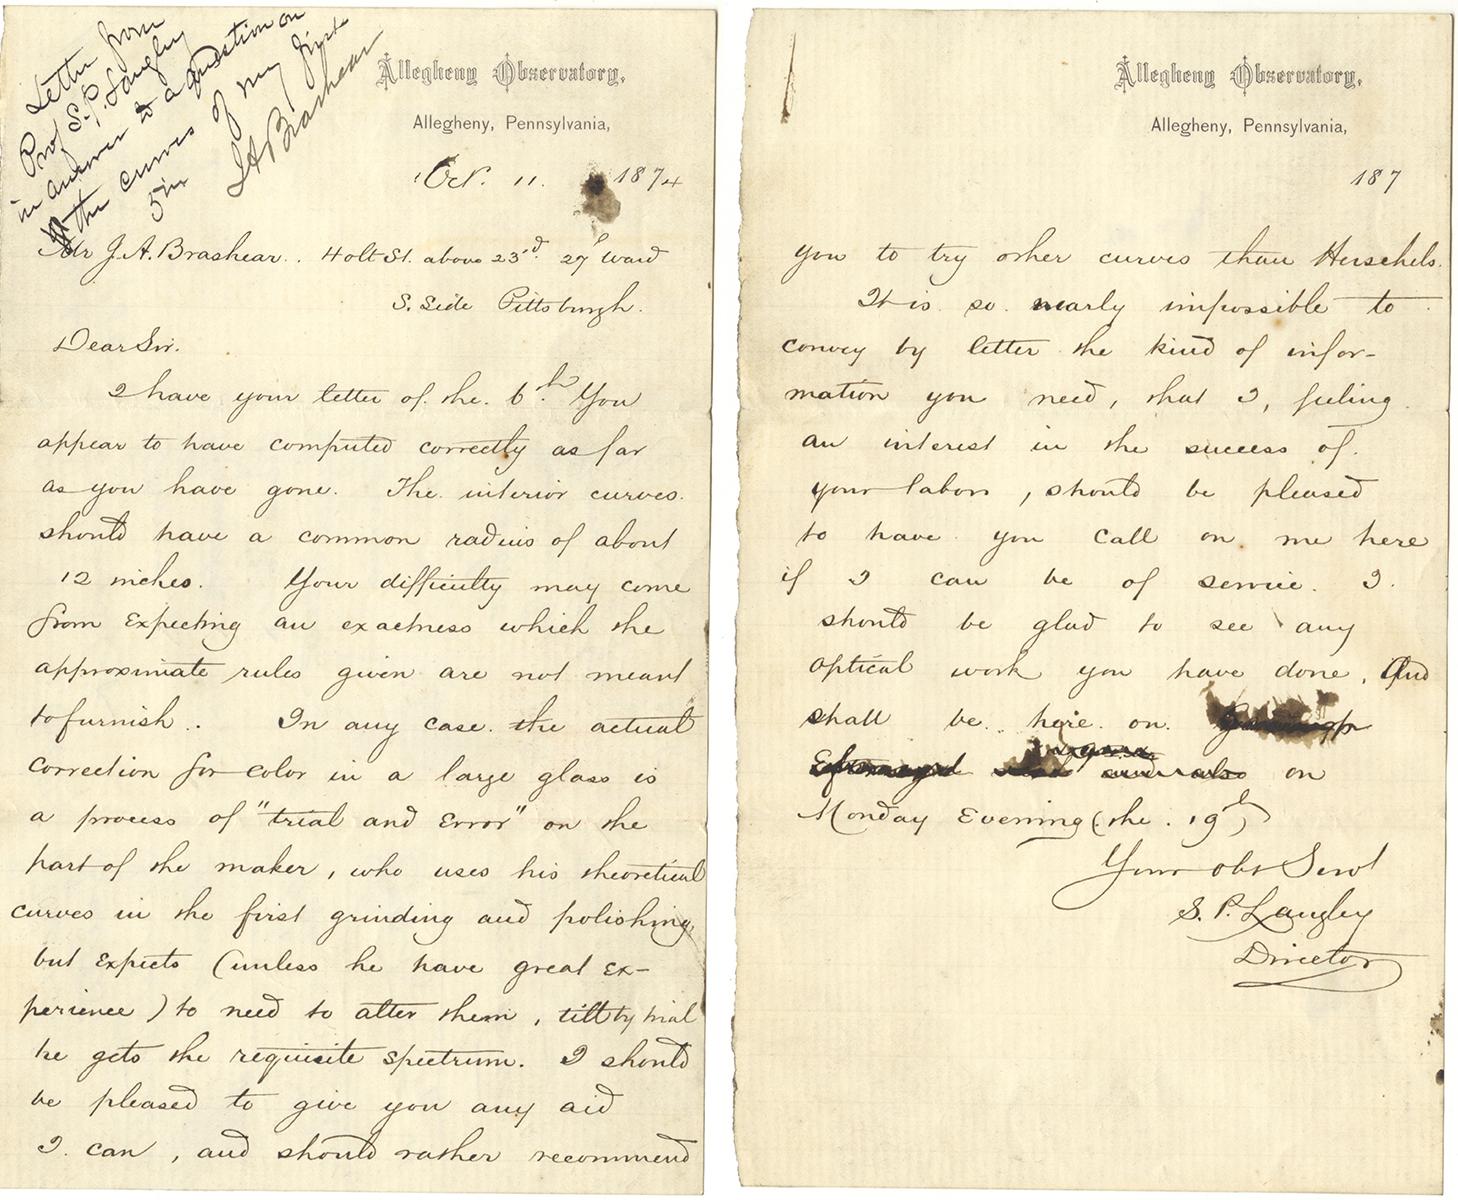 Letter dated October 11, 1874, from Samuel P. Langley to John Brashear, Heinz History Center.